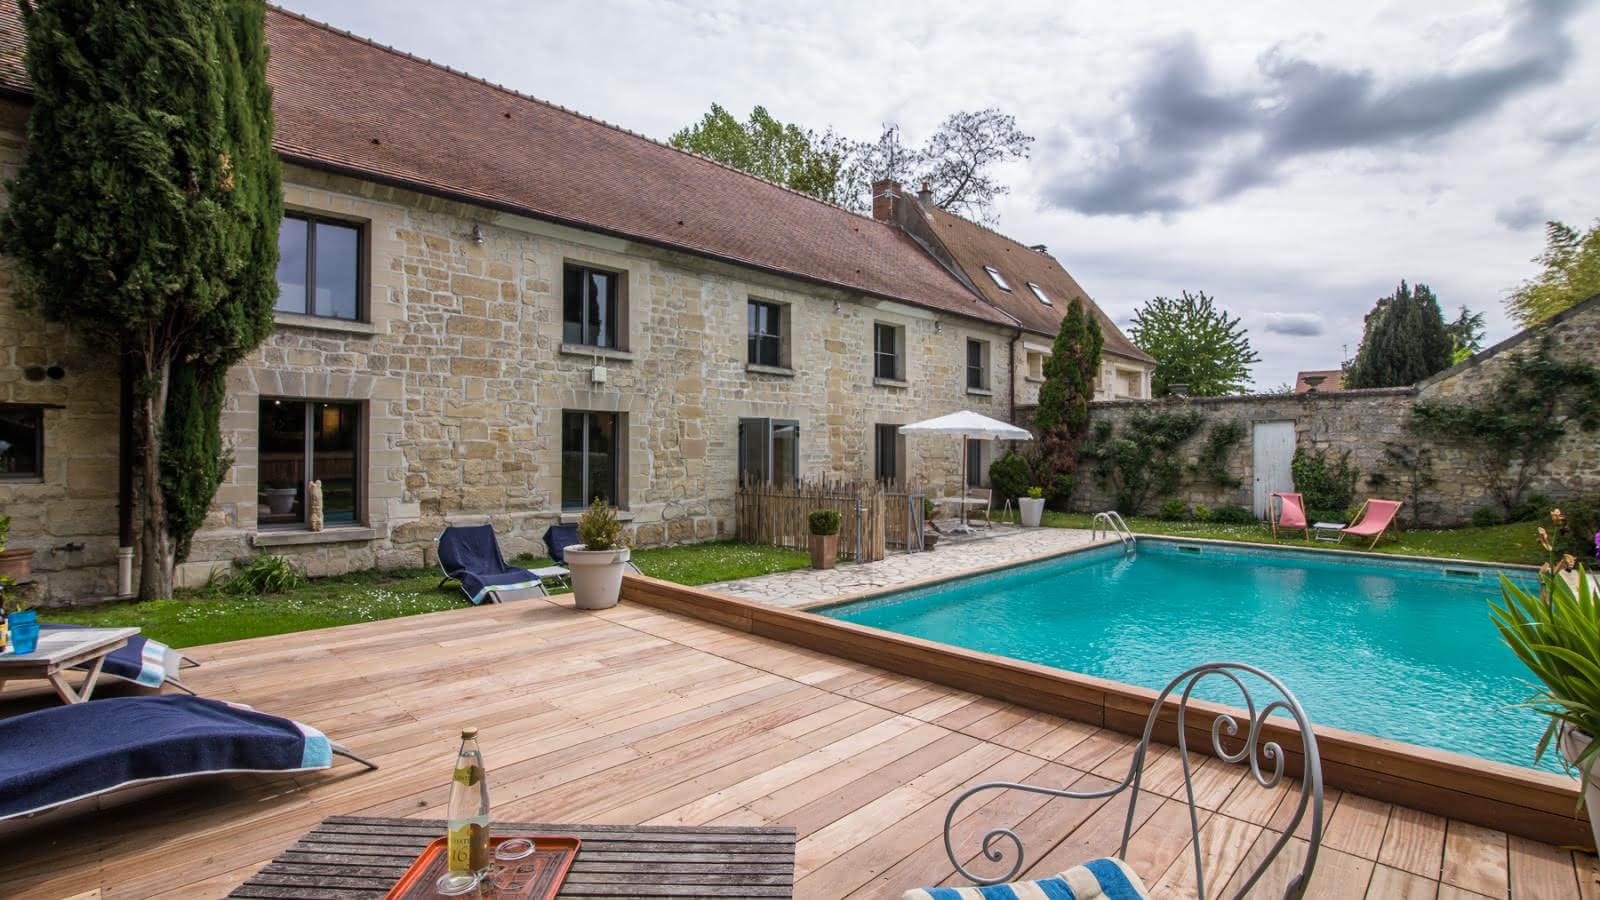 Photo de la piscine et sa terrasse de la chambre d'hôtes le Domaine de Mona à Cergy près de l'Ile de Loisirs de Cergy-Neuville